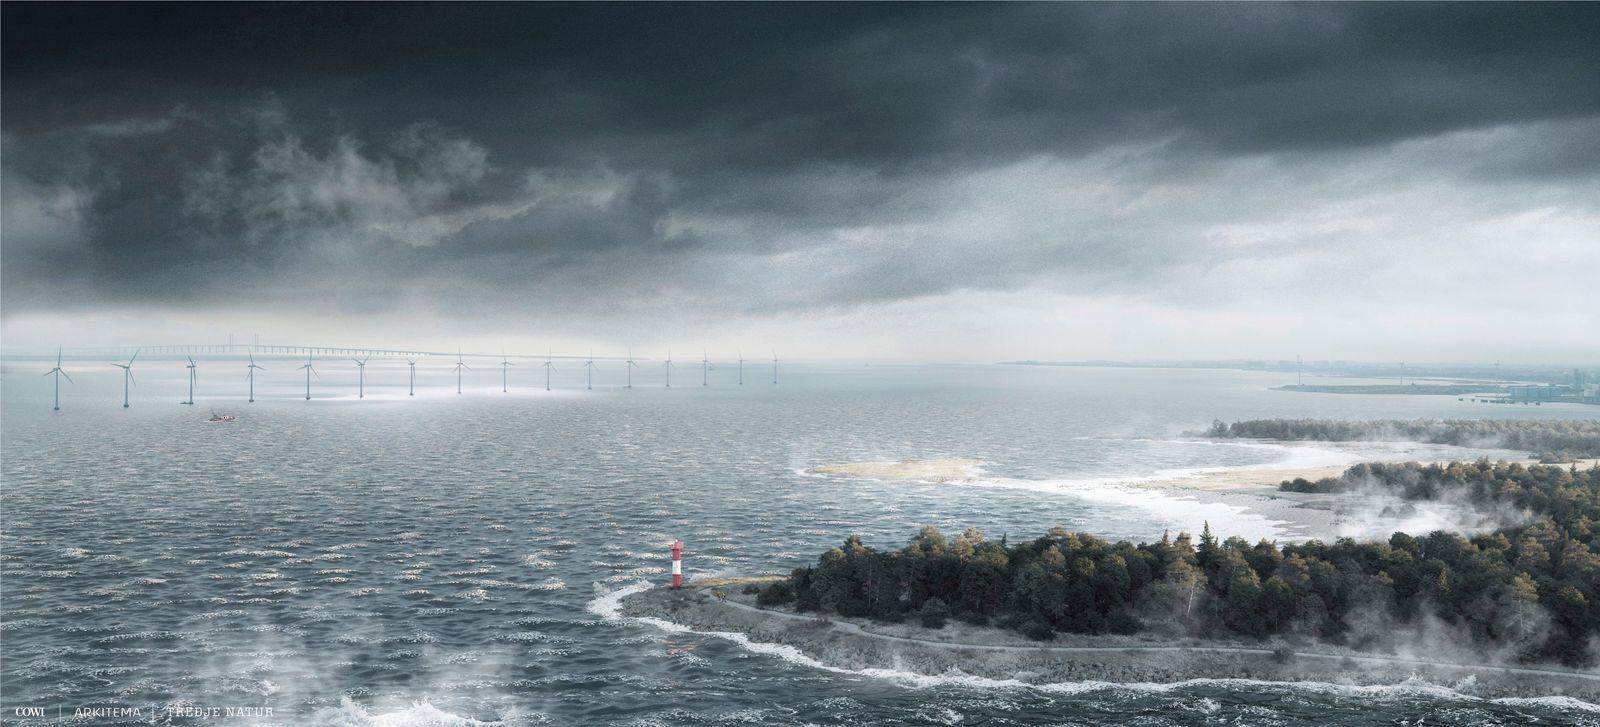 Stormflod.jpg